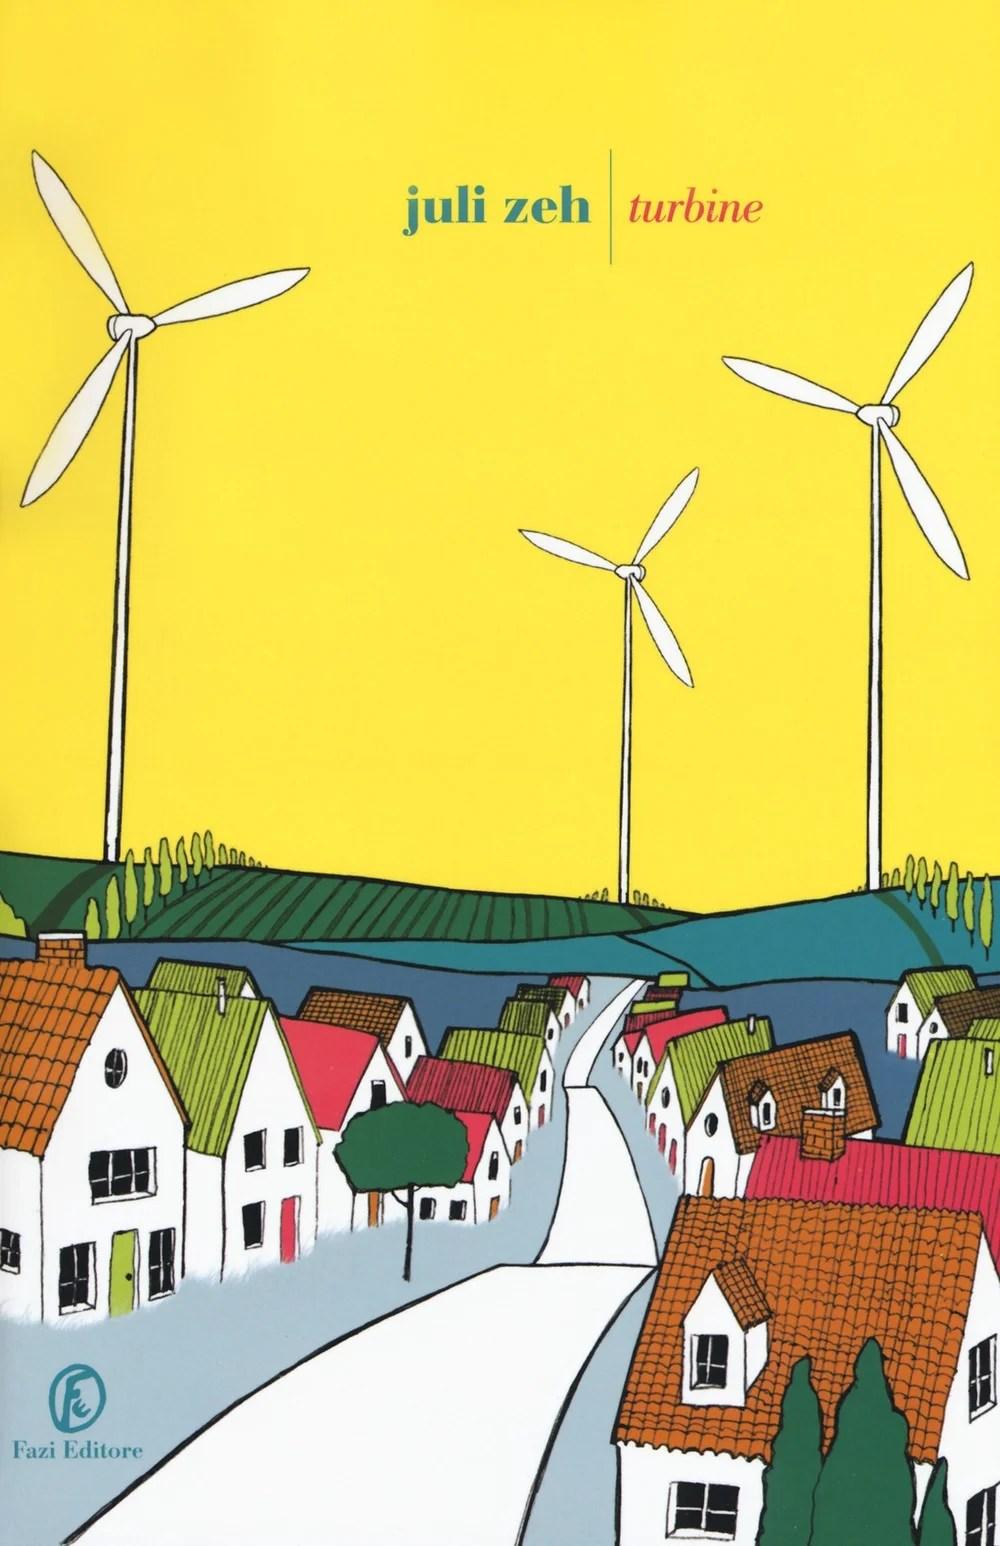 Recensione di Turbine – Juli Zeh